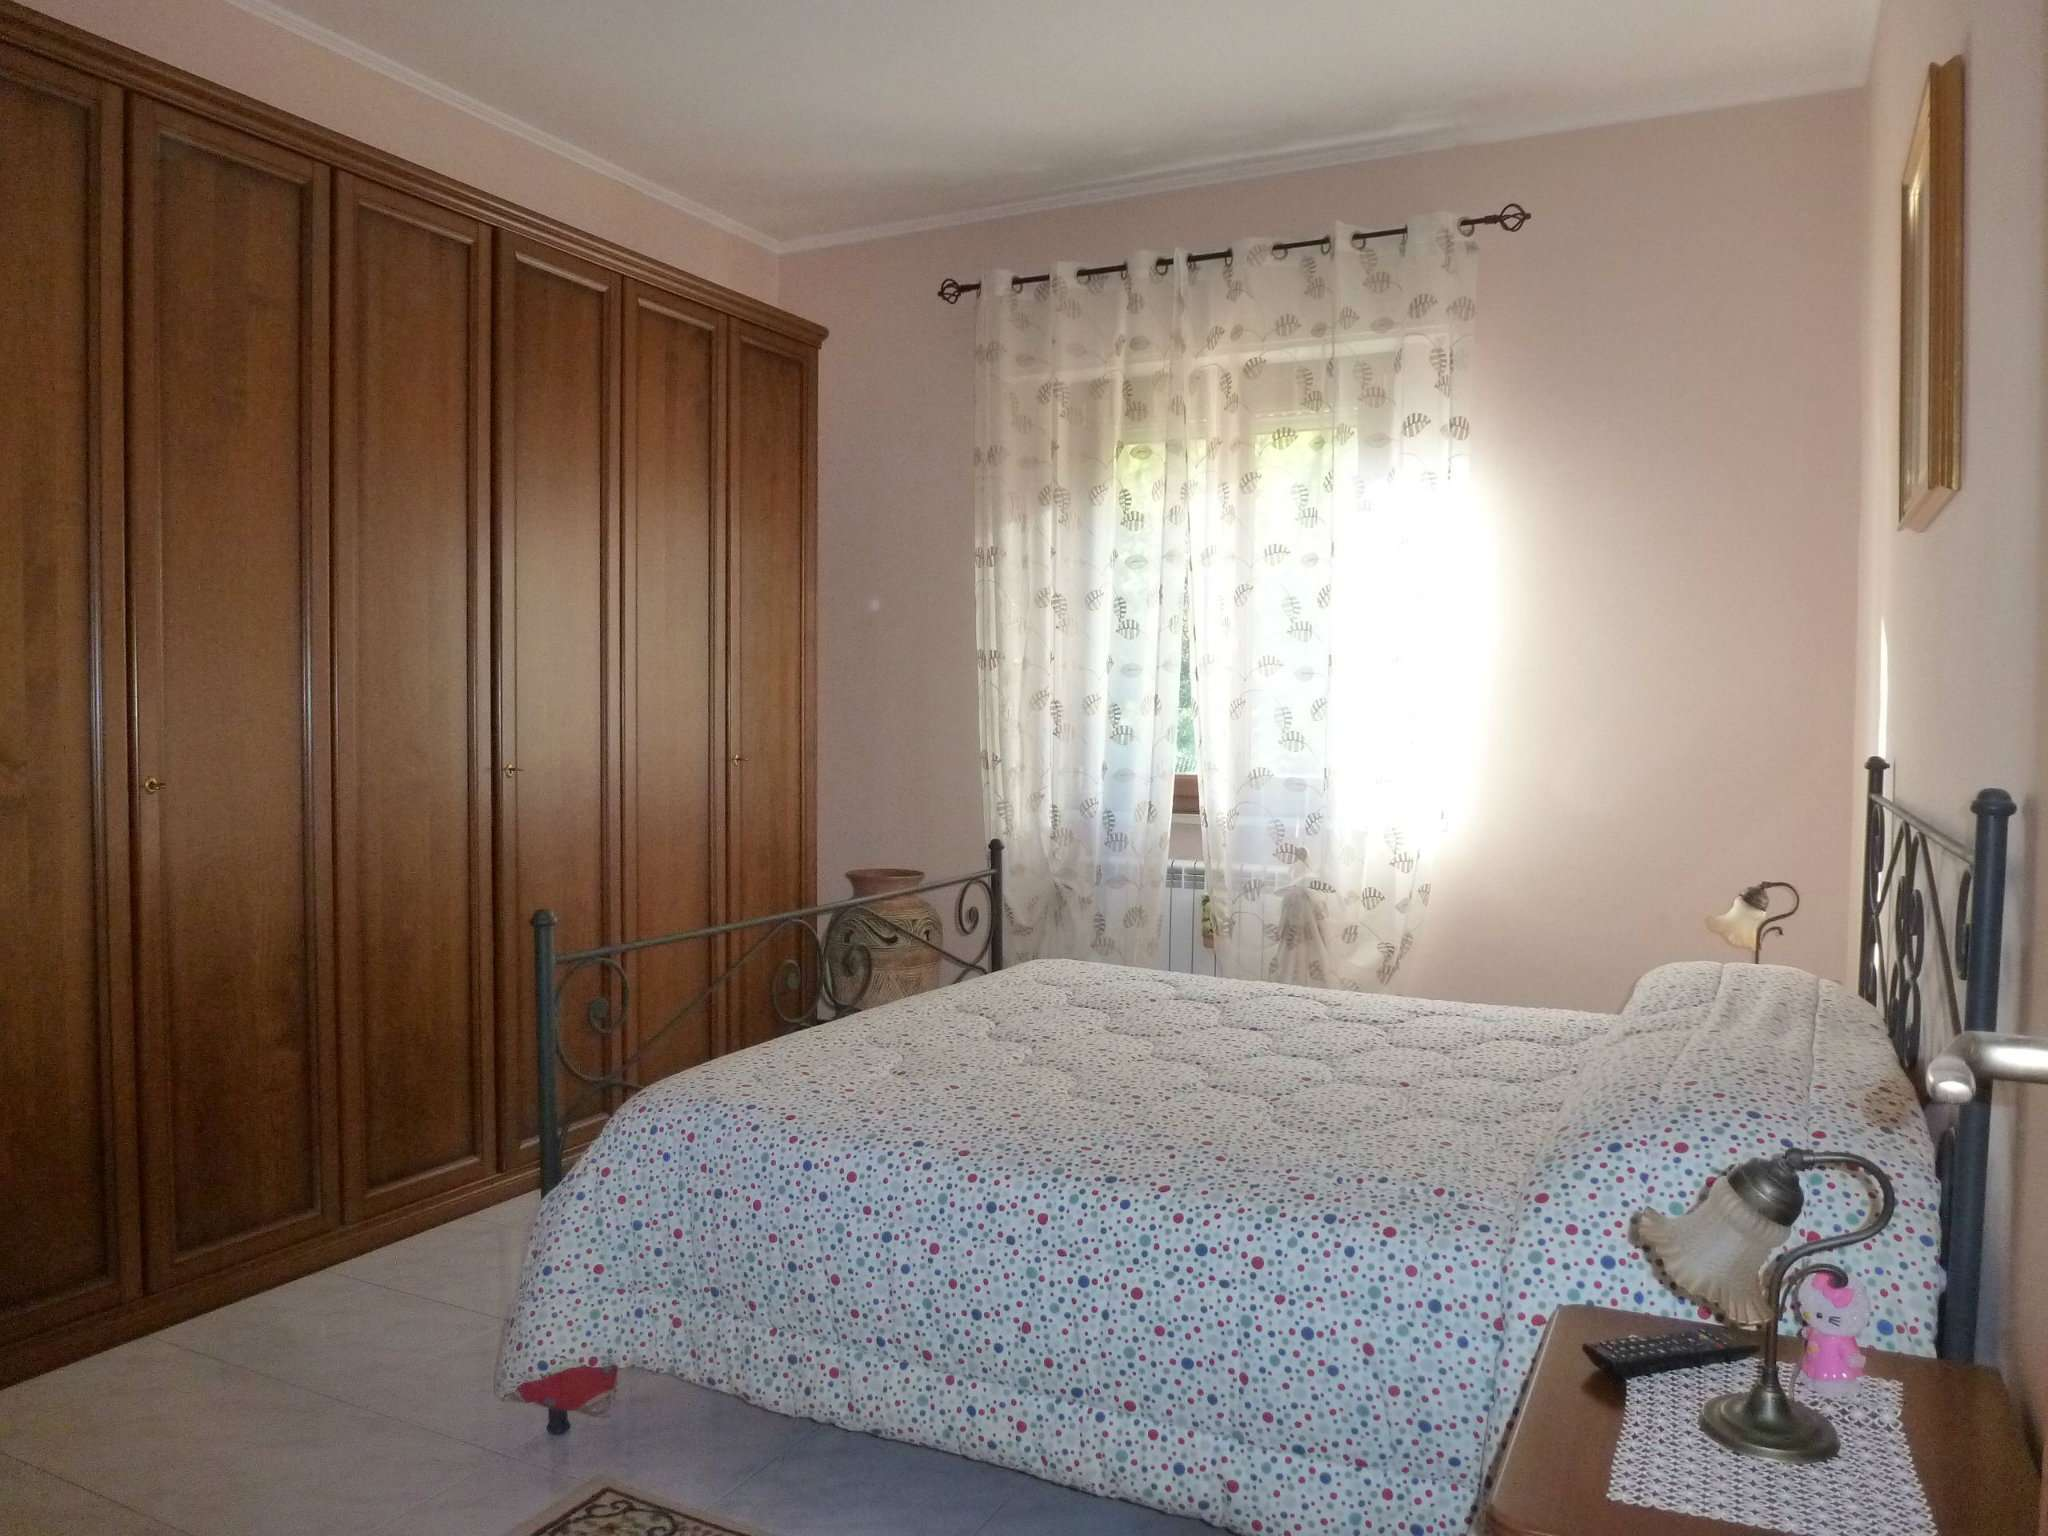 Appartamento in vendita a Ceranesi, 2 locali, prezzo € 130.000 | Cambio Casa.it